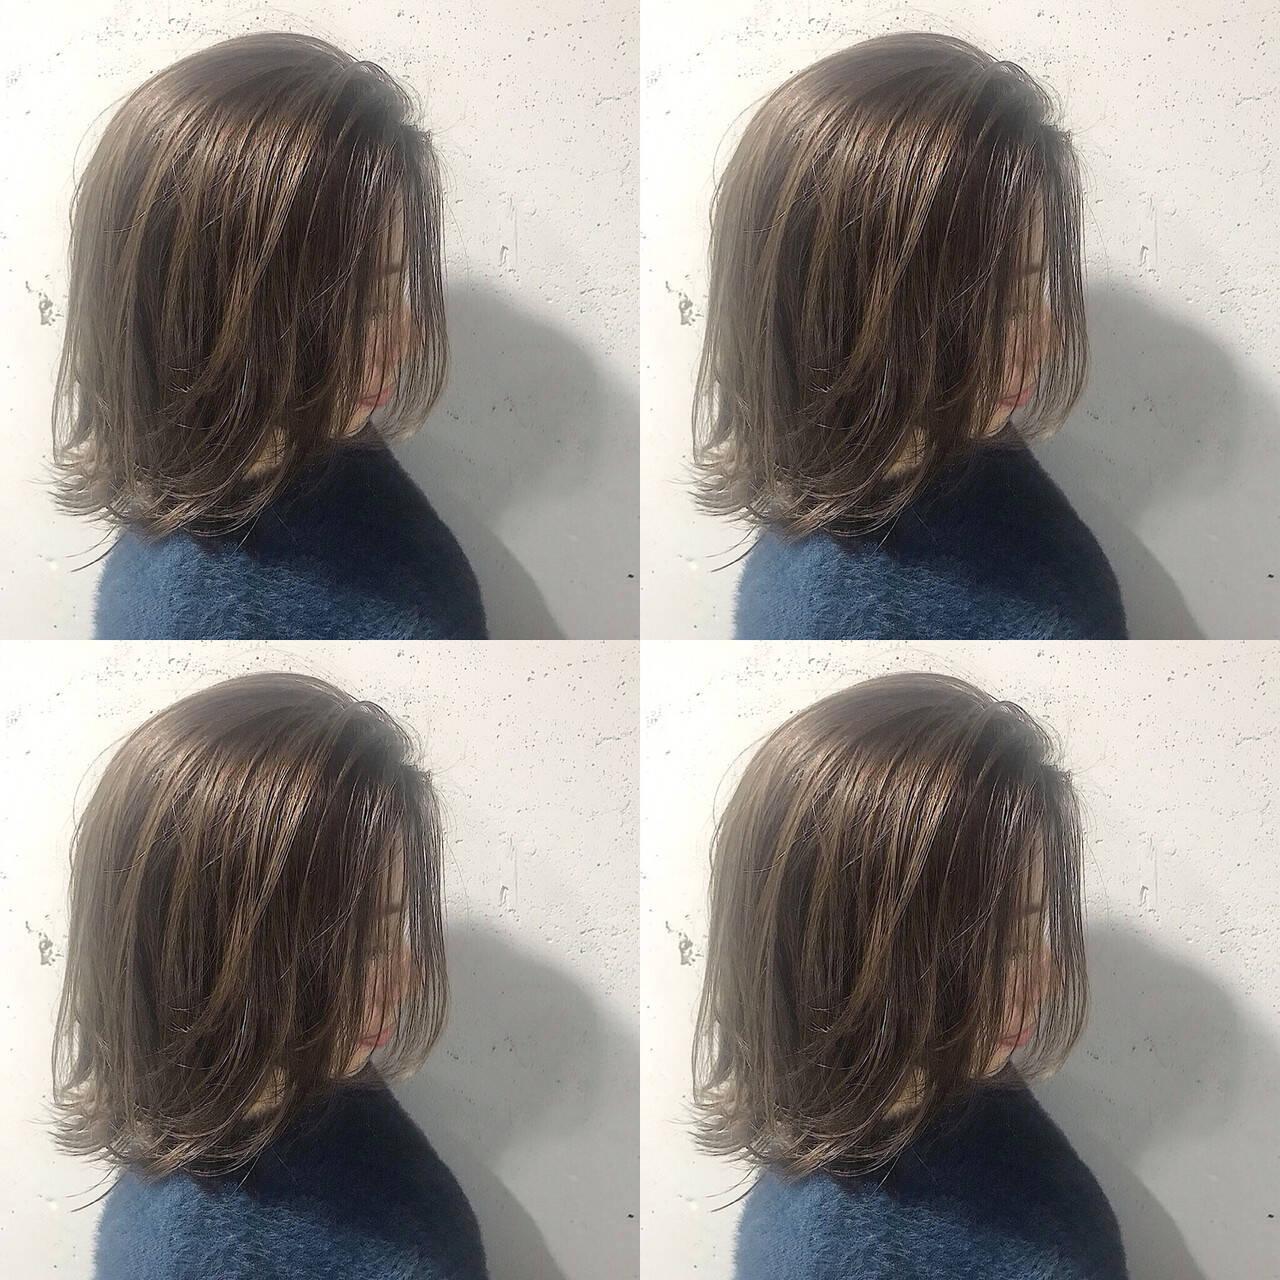 n. ナチュラル グレージュ アッシュベージュヘアスタイルや髪型の写真・画像